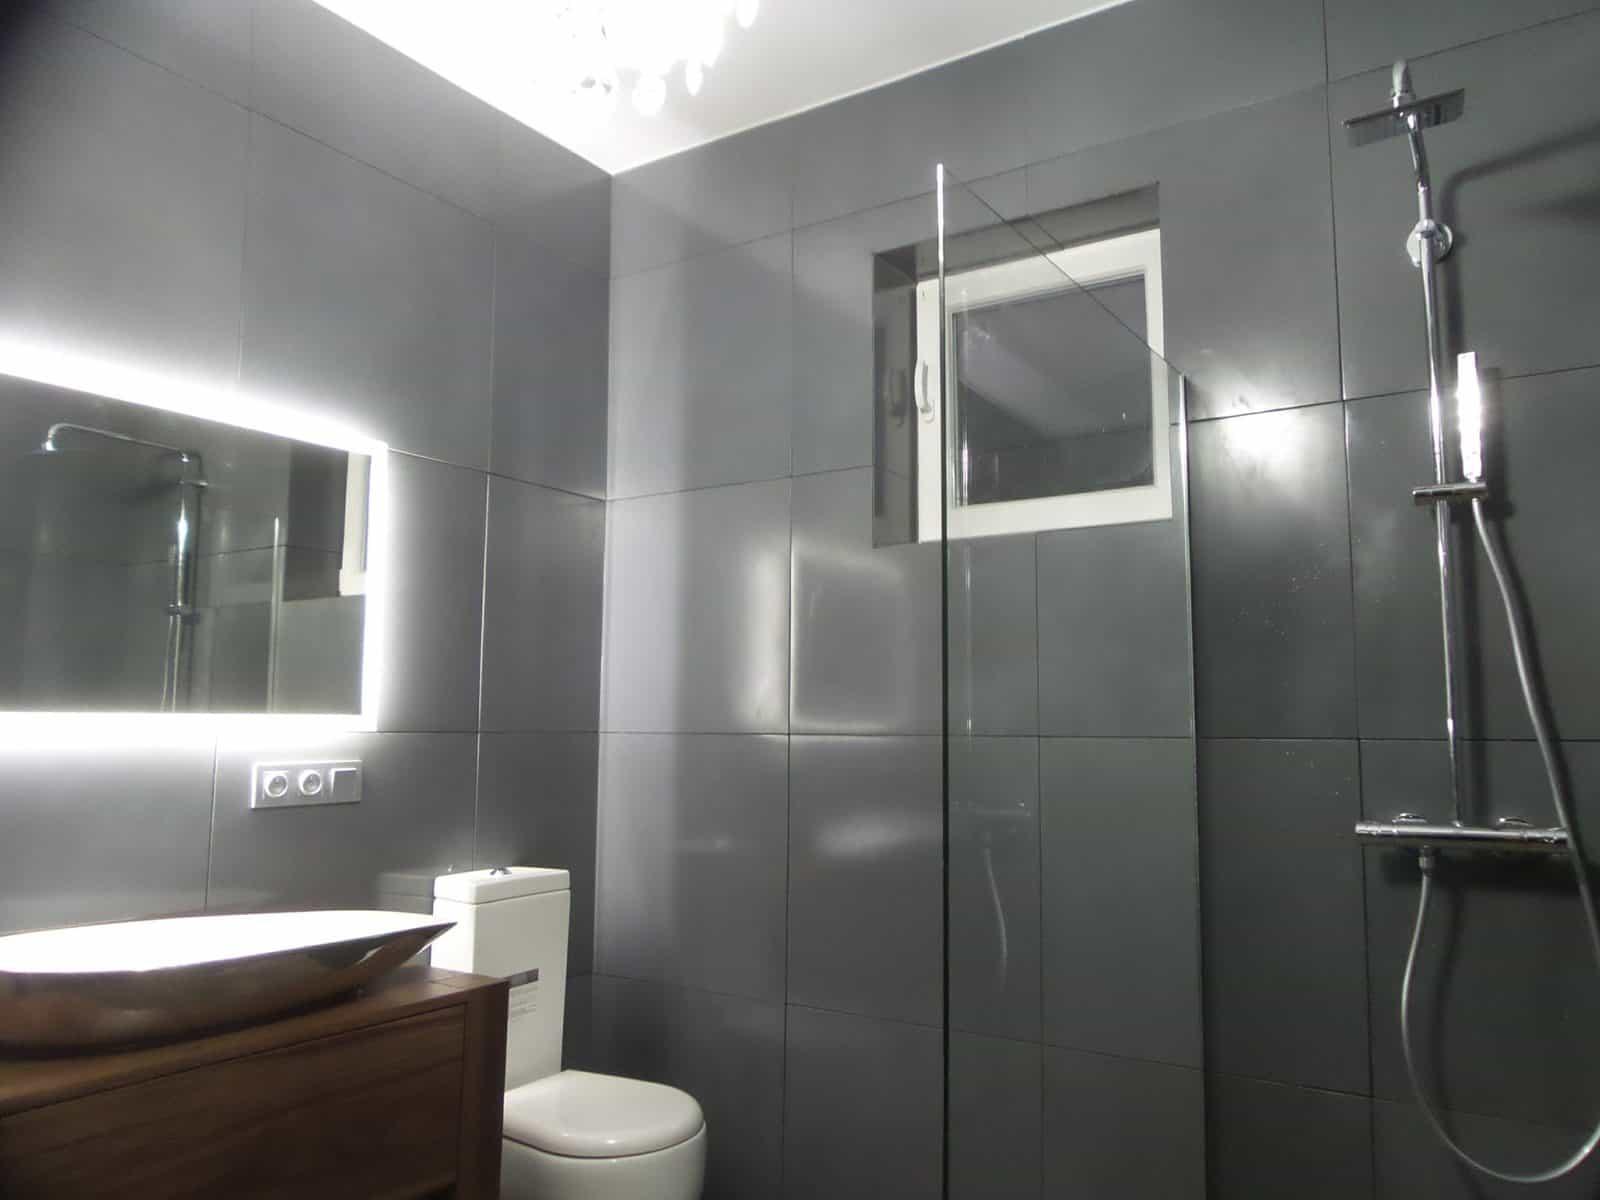 prysznic bez drzwi remont łazienki w 10 dni warszawa